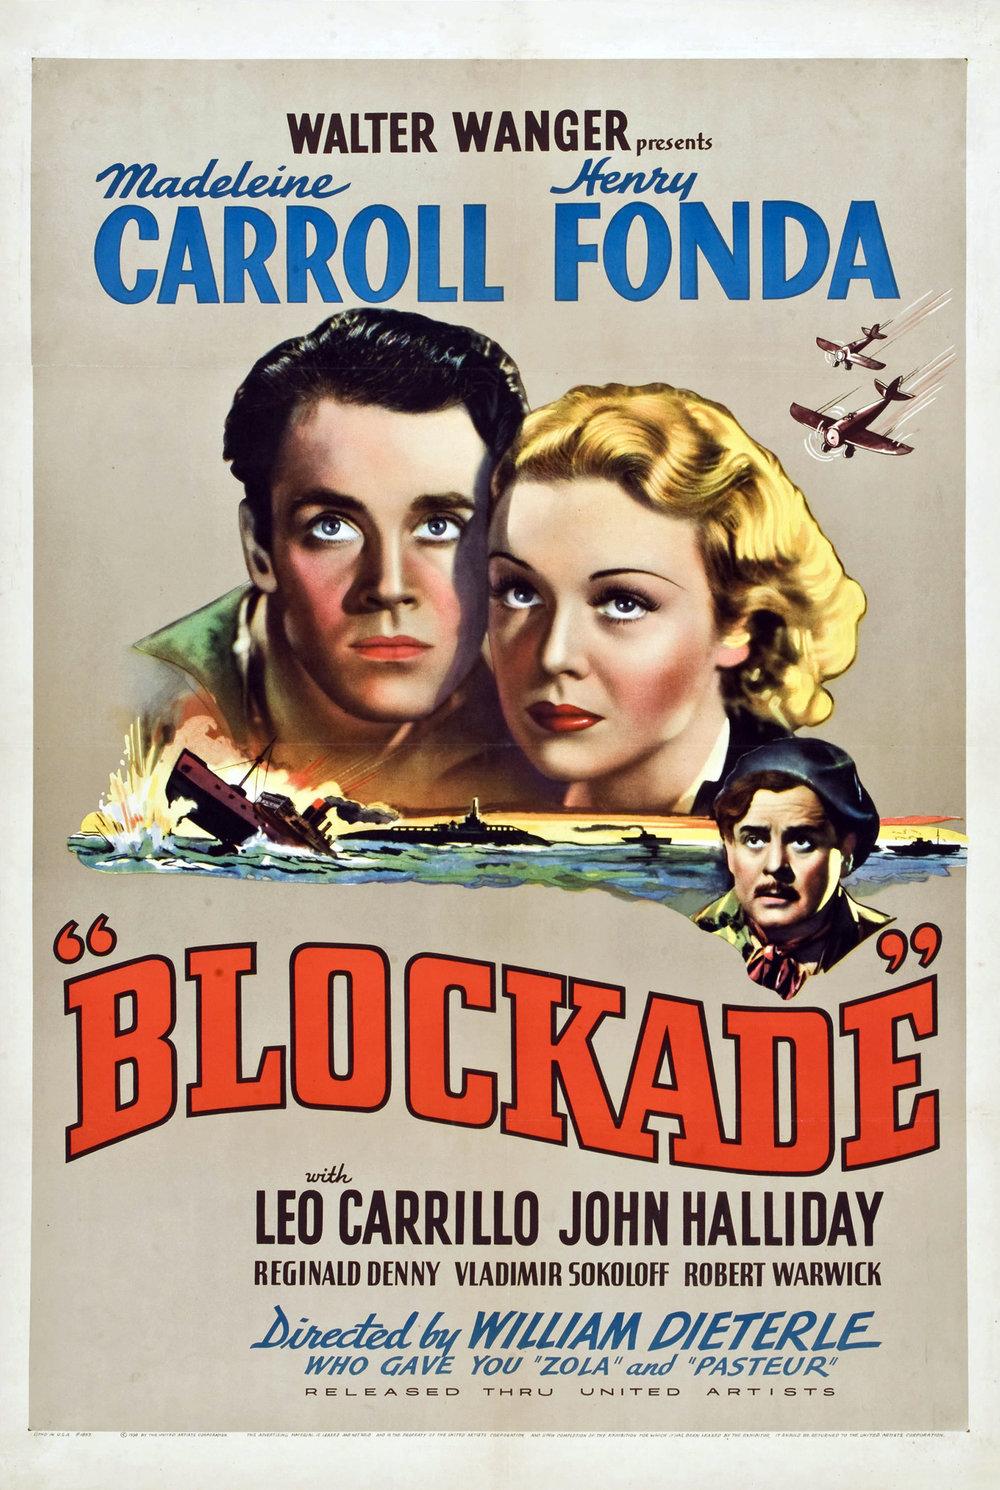 Poster - Blockade (1938)_01.jpg